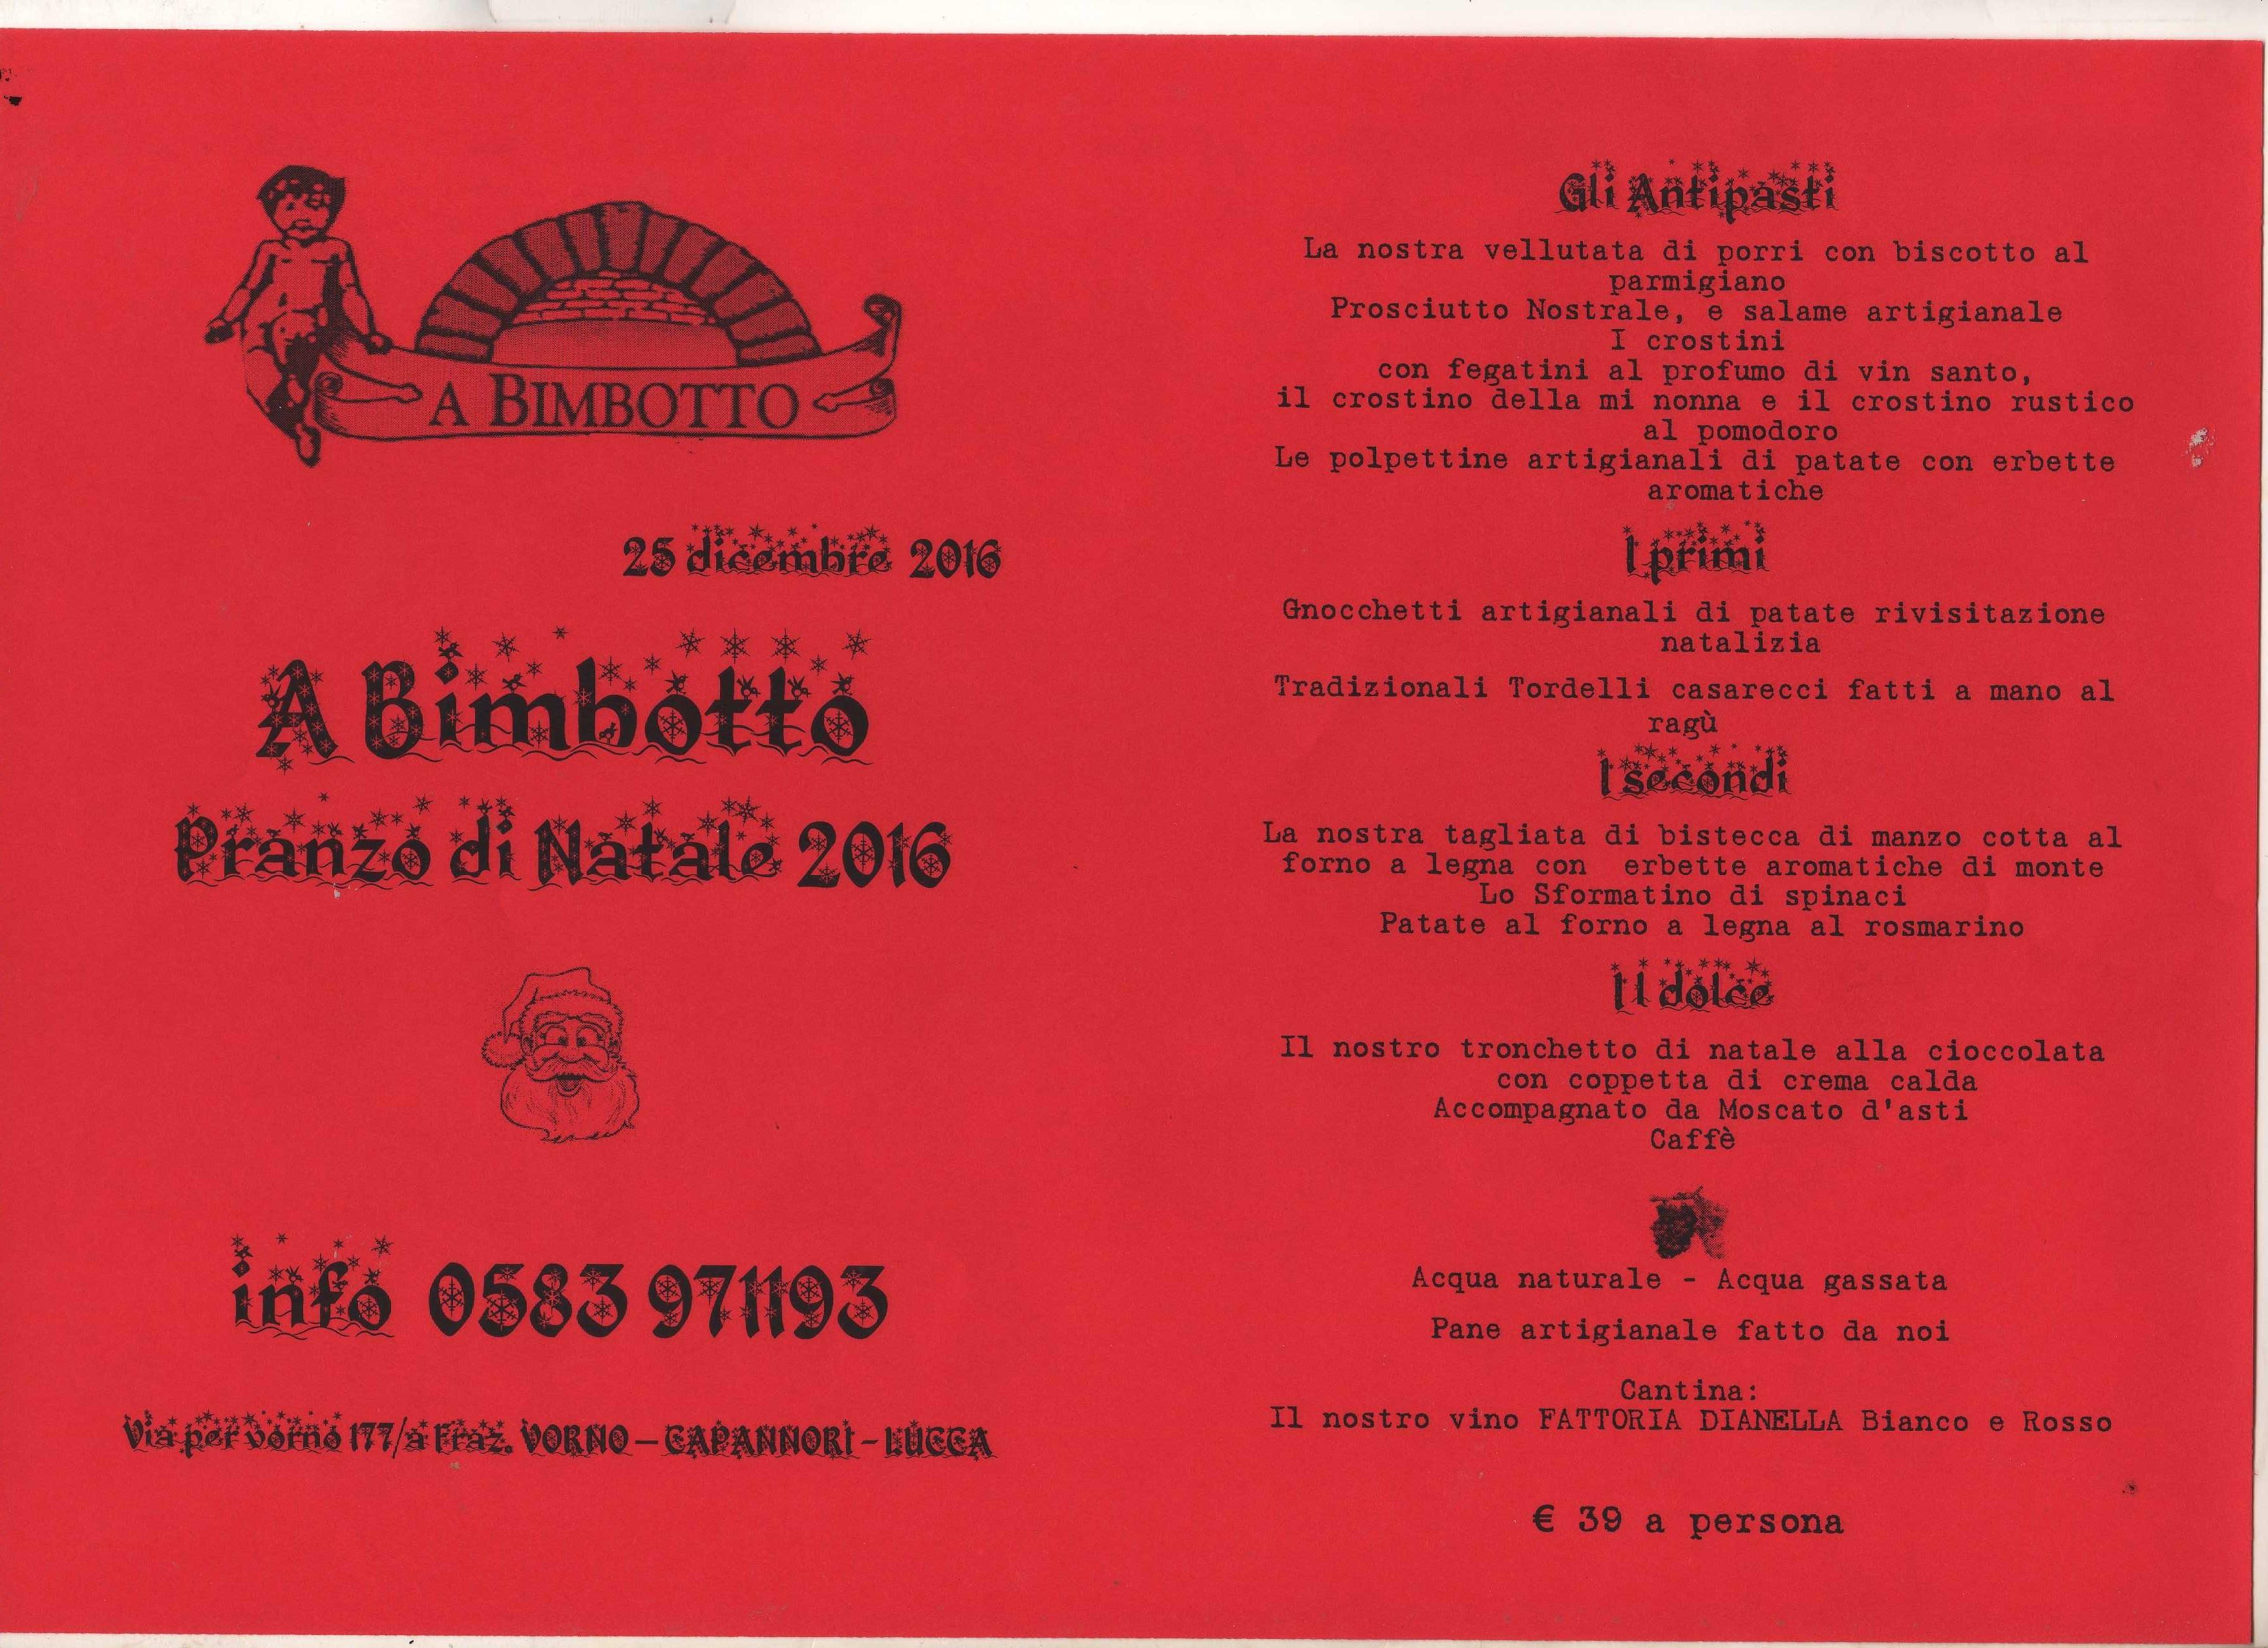 Ristorante a bimbotto menu 39 pranzo di natale 2016 - Menu per ospiti a pranzo ...